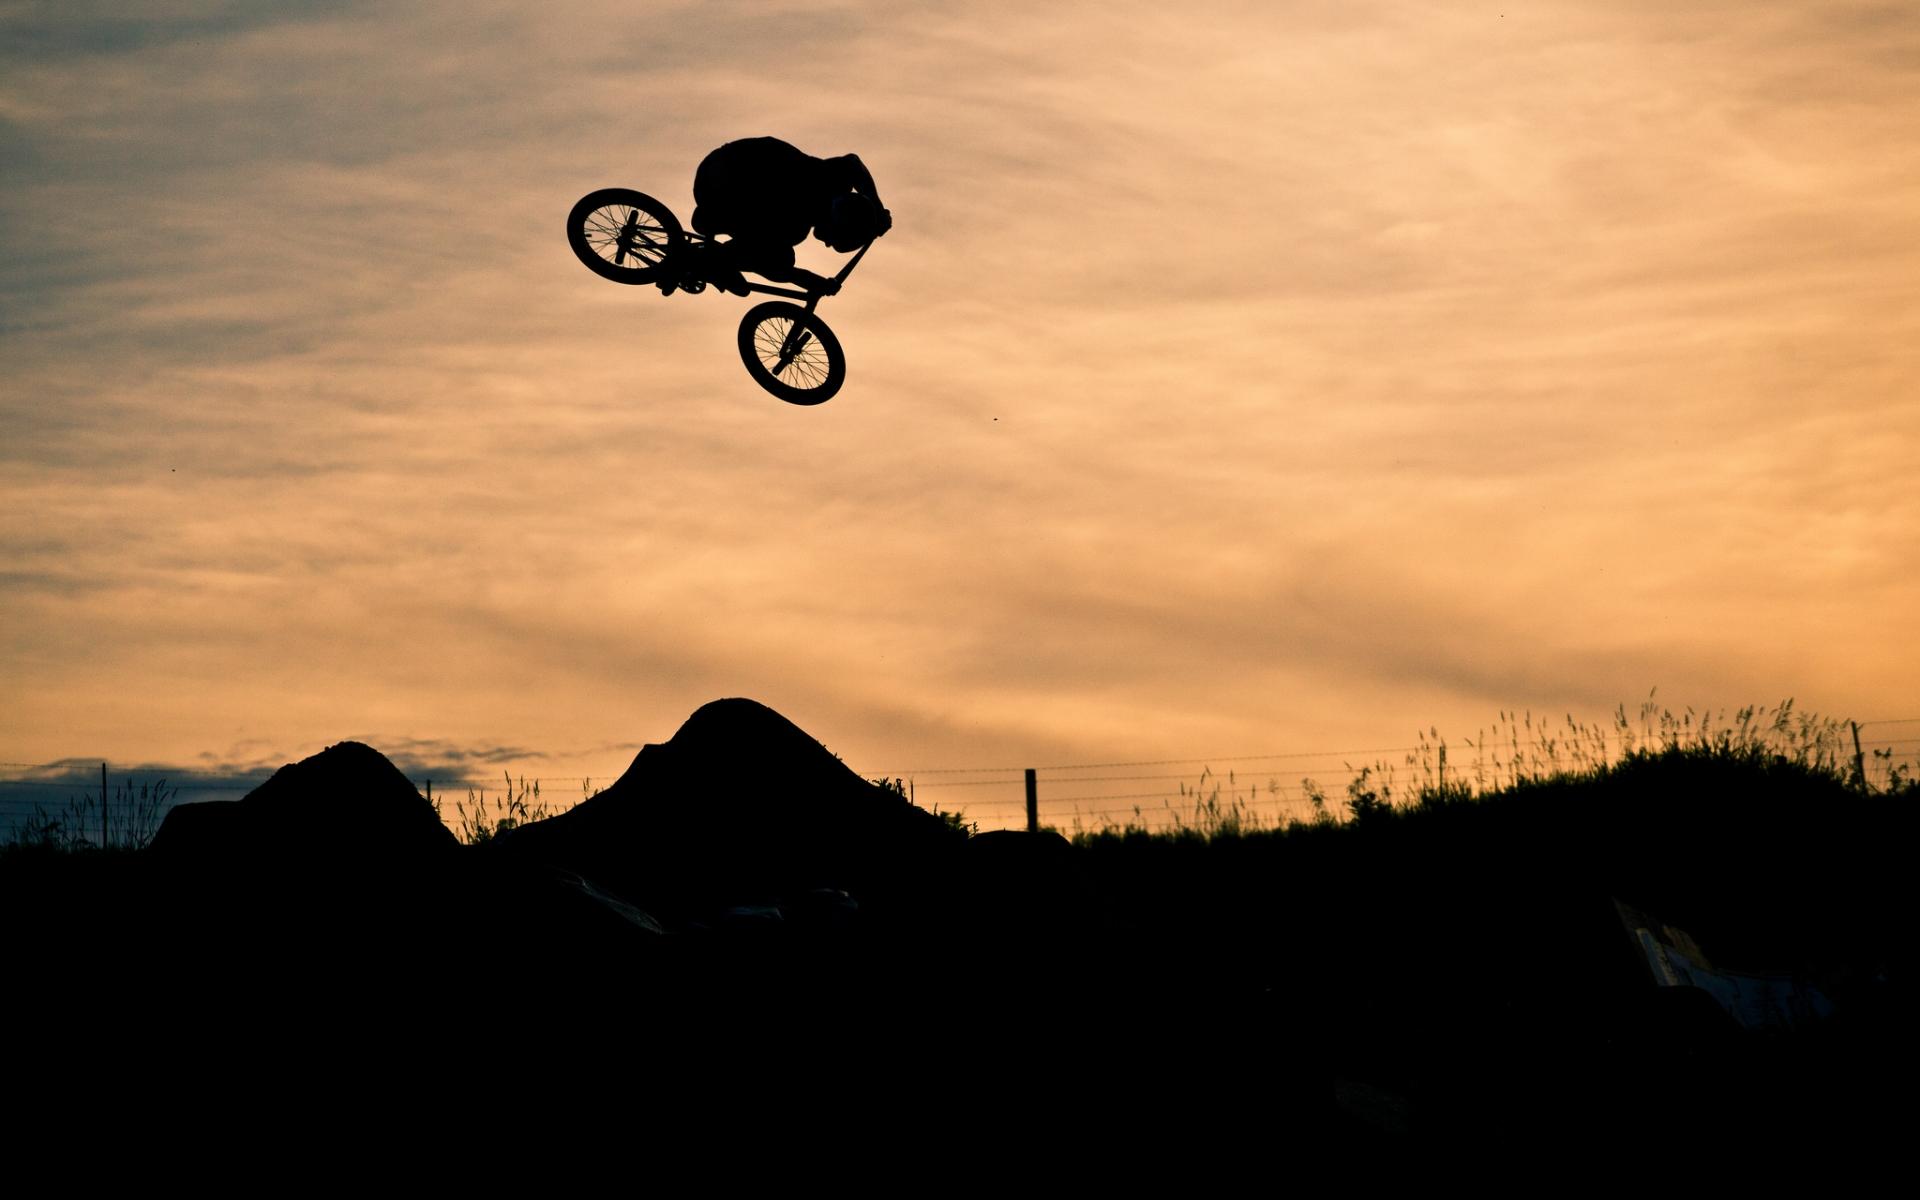 Saltos en BMX - 1920x1200